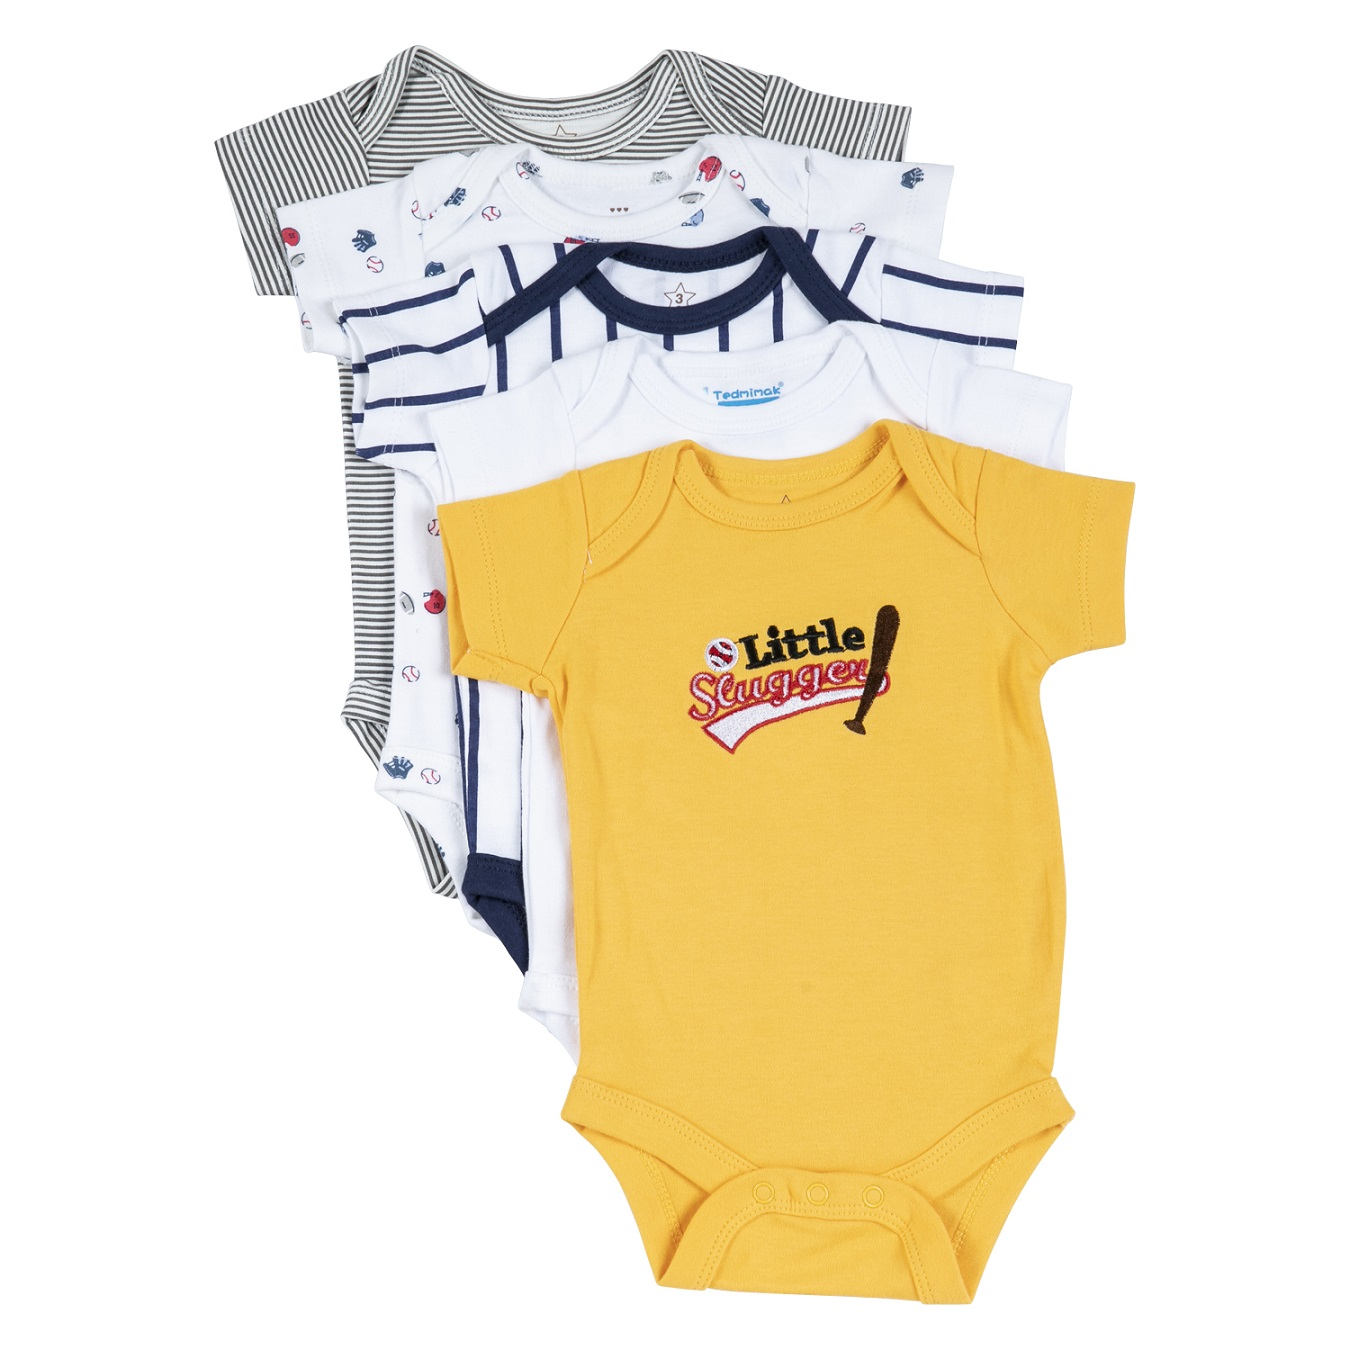 סט חמישיית בגדי גוף מעוצבים Little Slugger